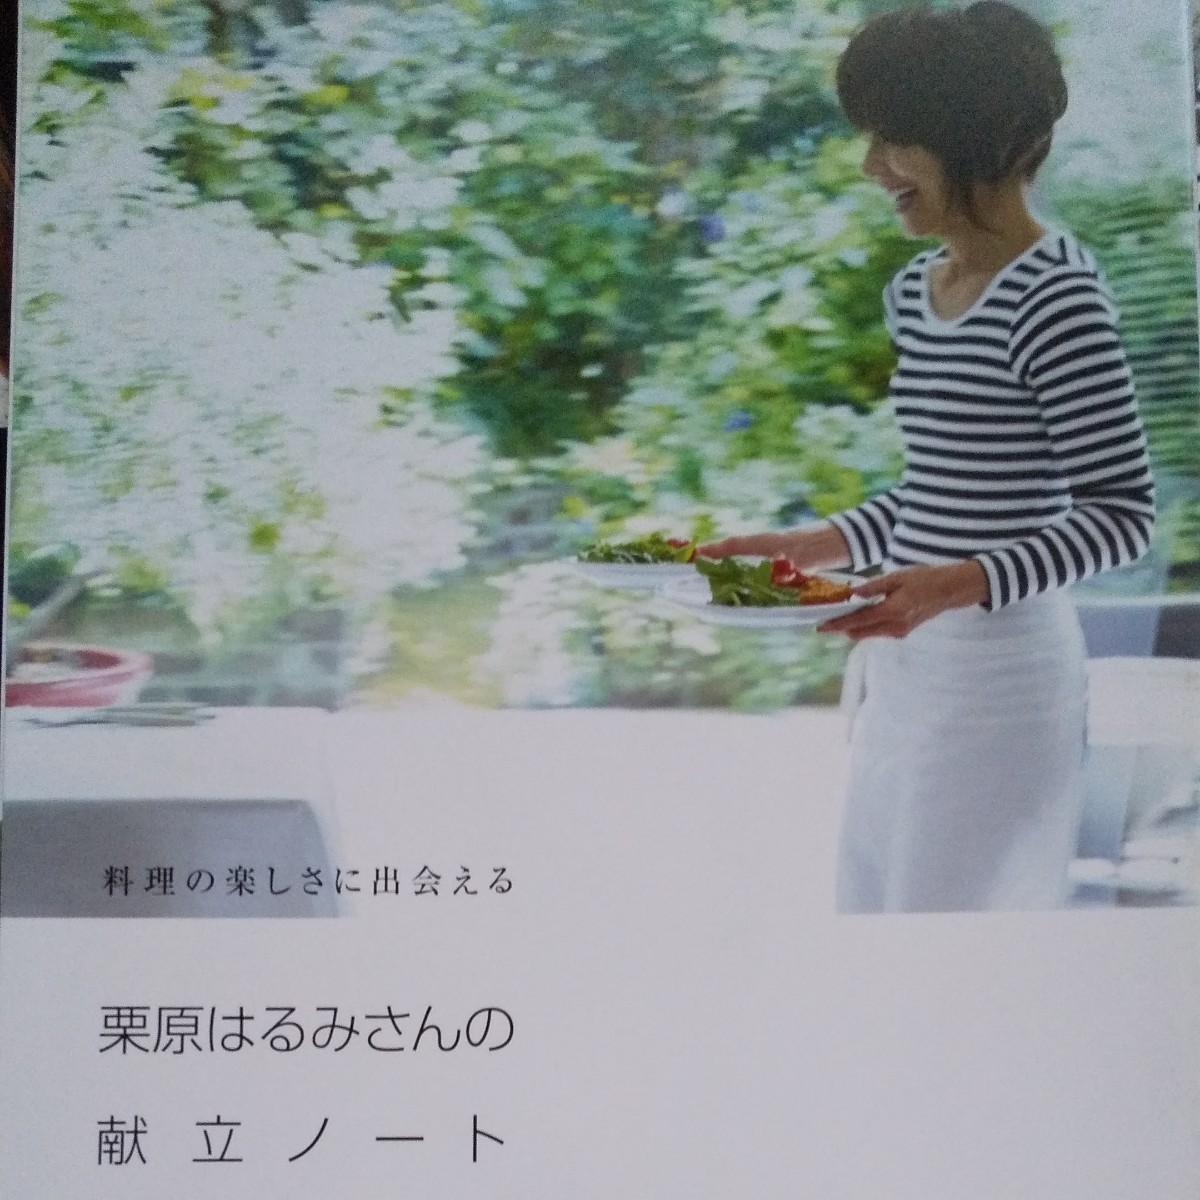 レシピ本3冊セット 志摩さん 栗原はるみさん